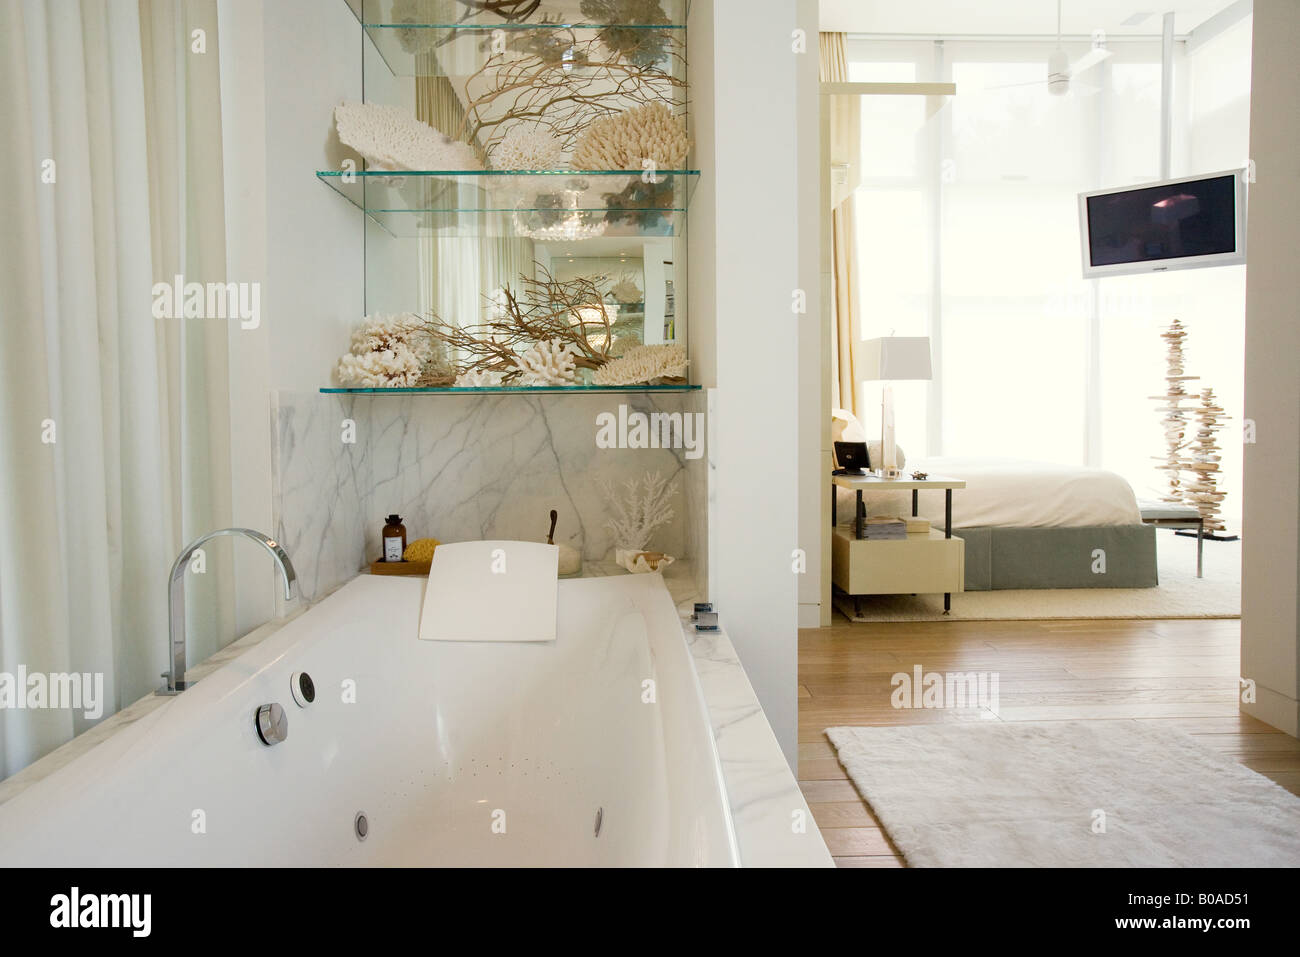 luxus hotel-badezimmer mit großer badewanne, schlafzimmer im, Schlafzimmer entwurf